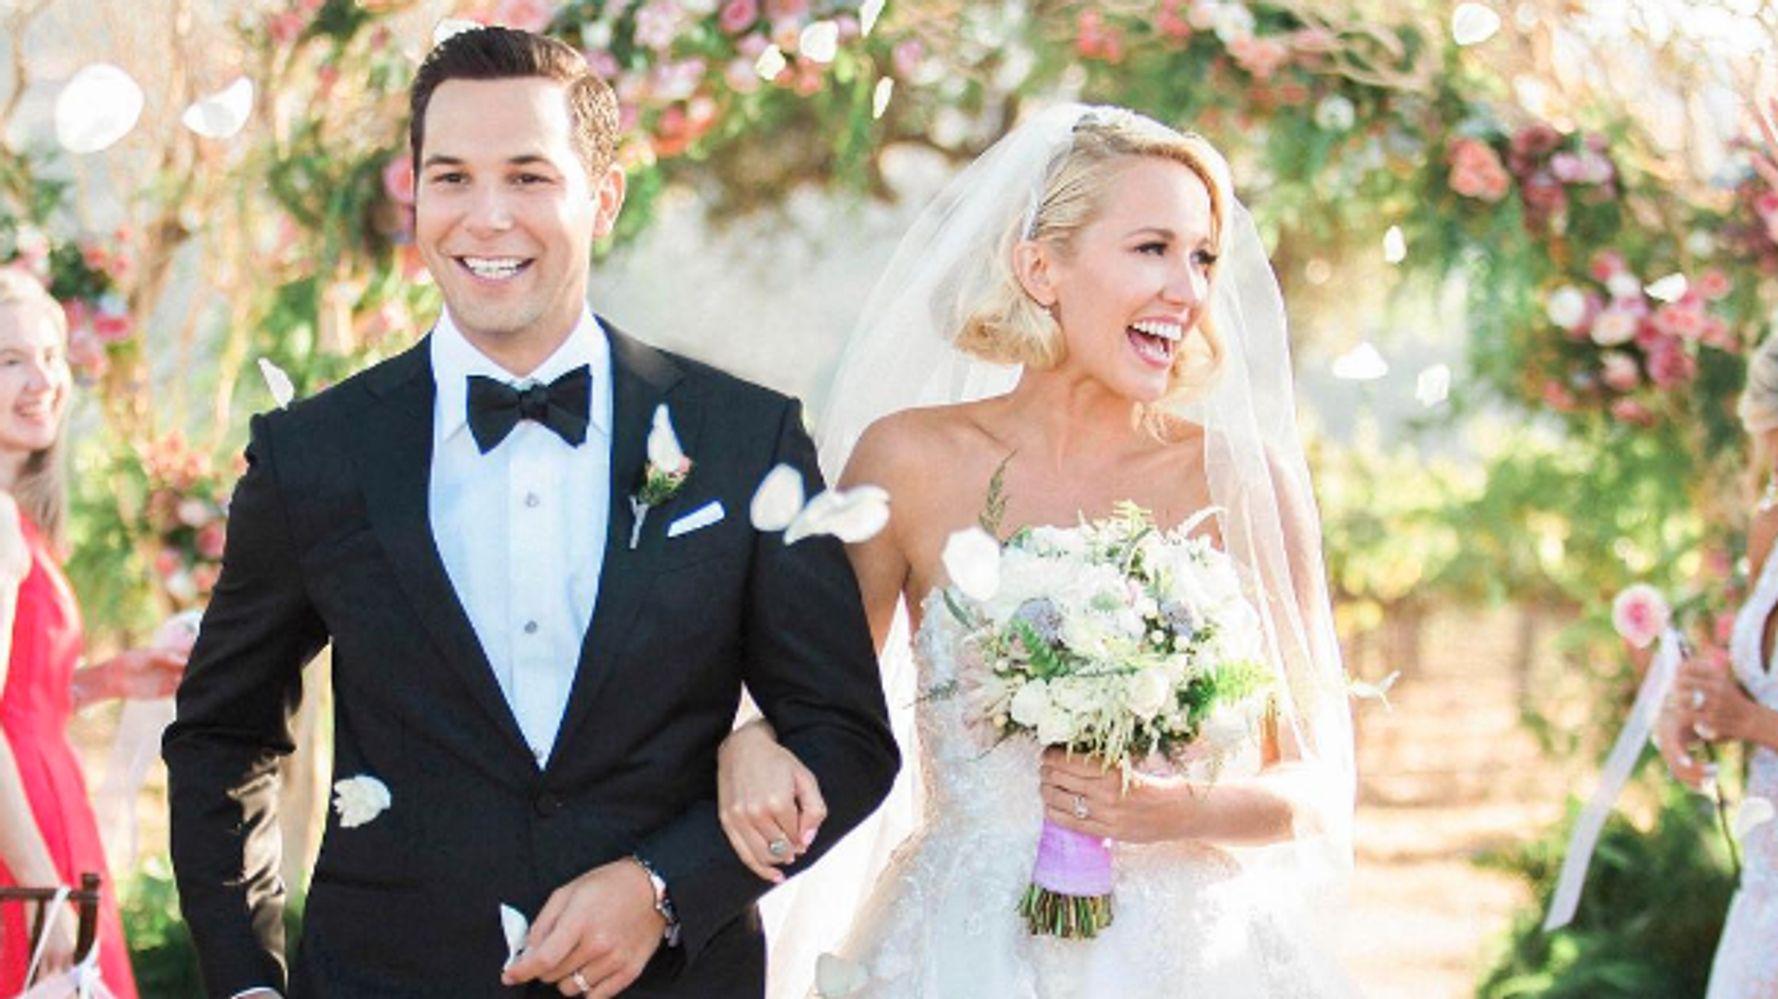 Anna Camp And Skylar Astin's Wedding Photos Hit All The Right ...